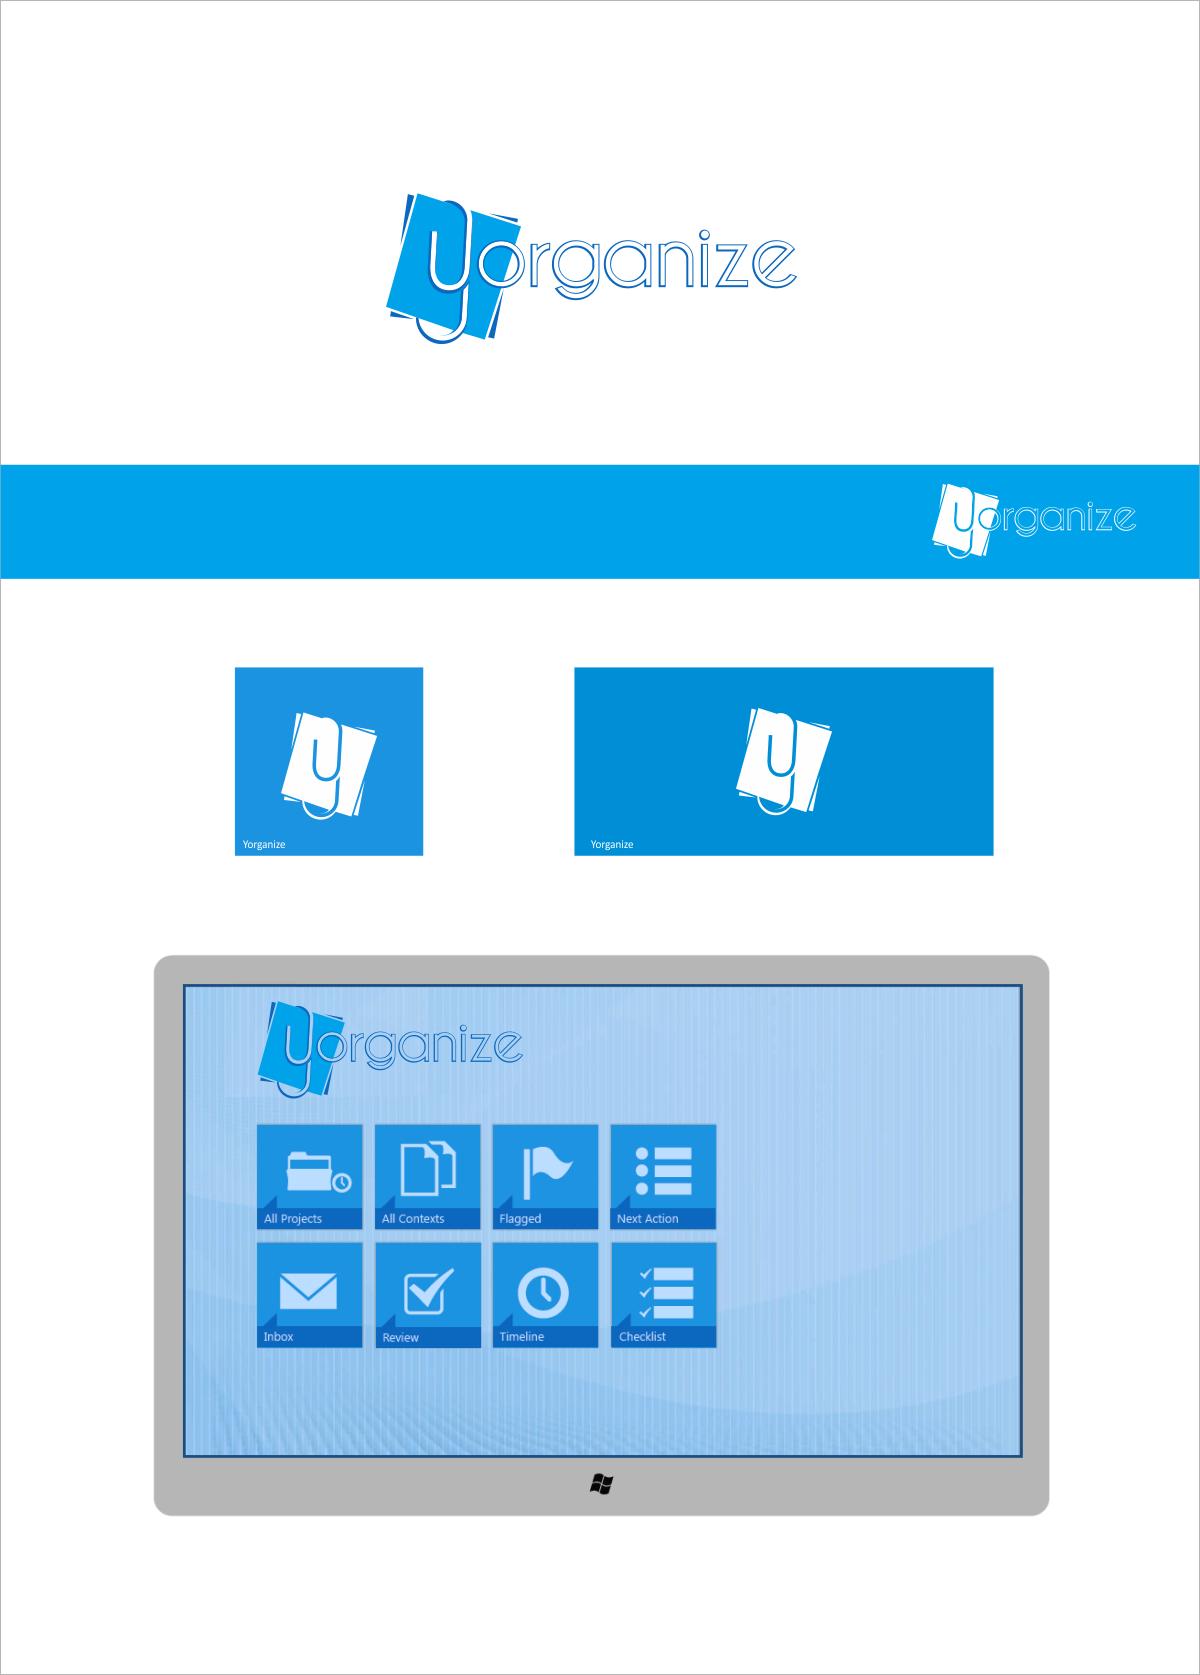 Design a logo for Yorganize (a Windows 8 app)